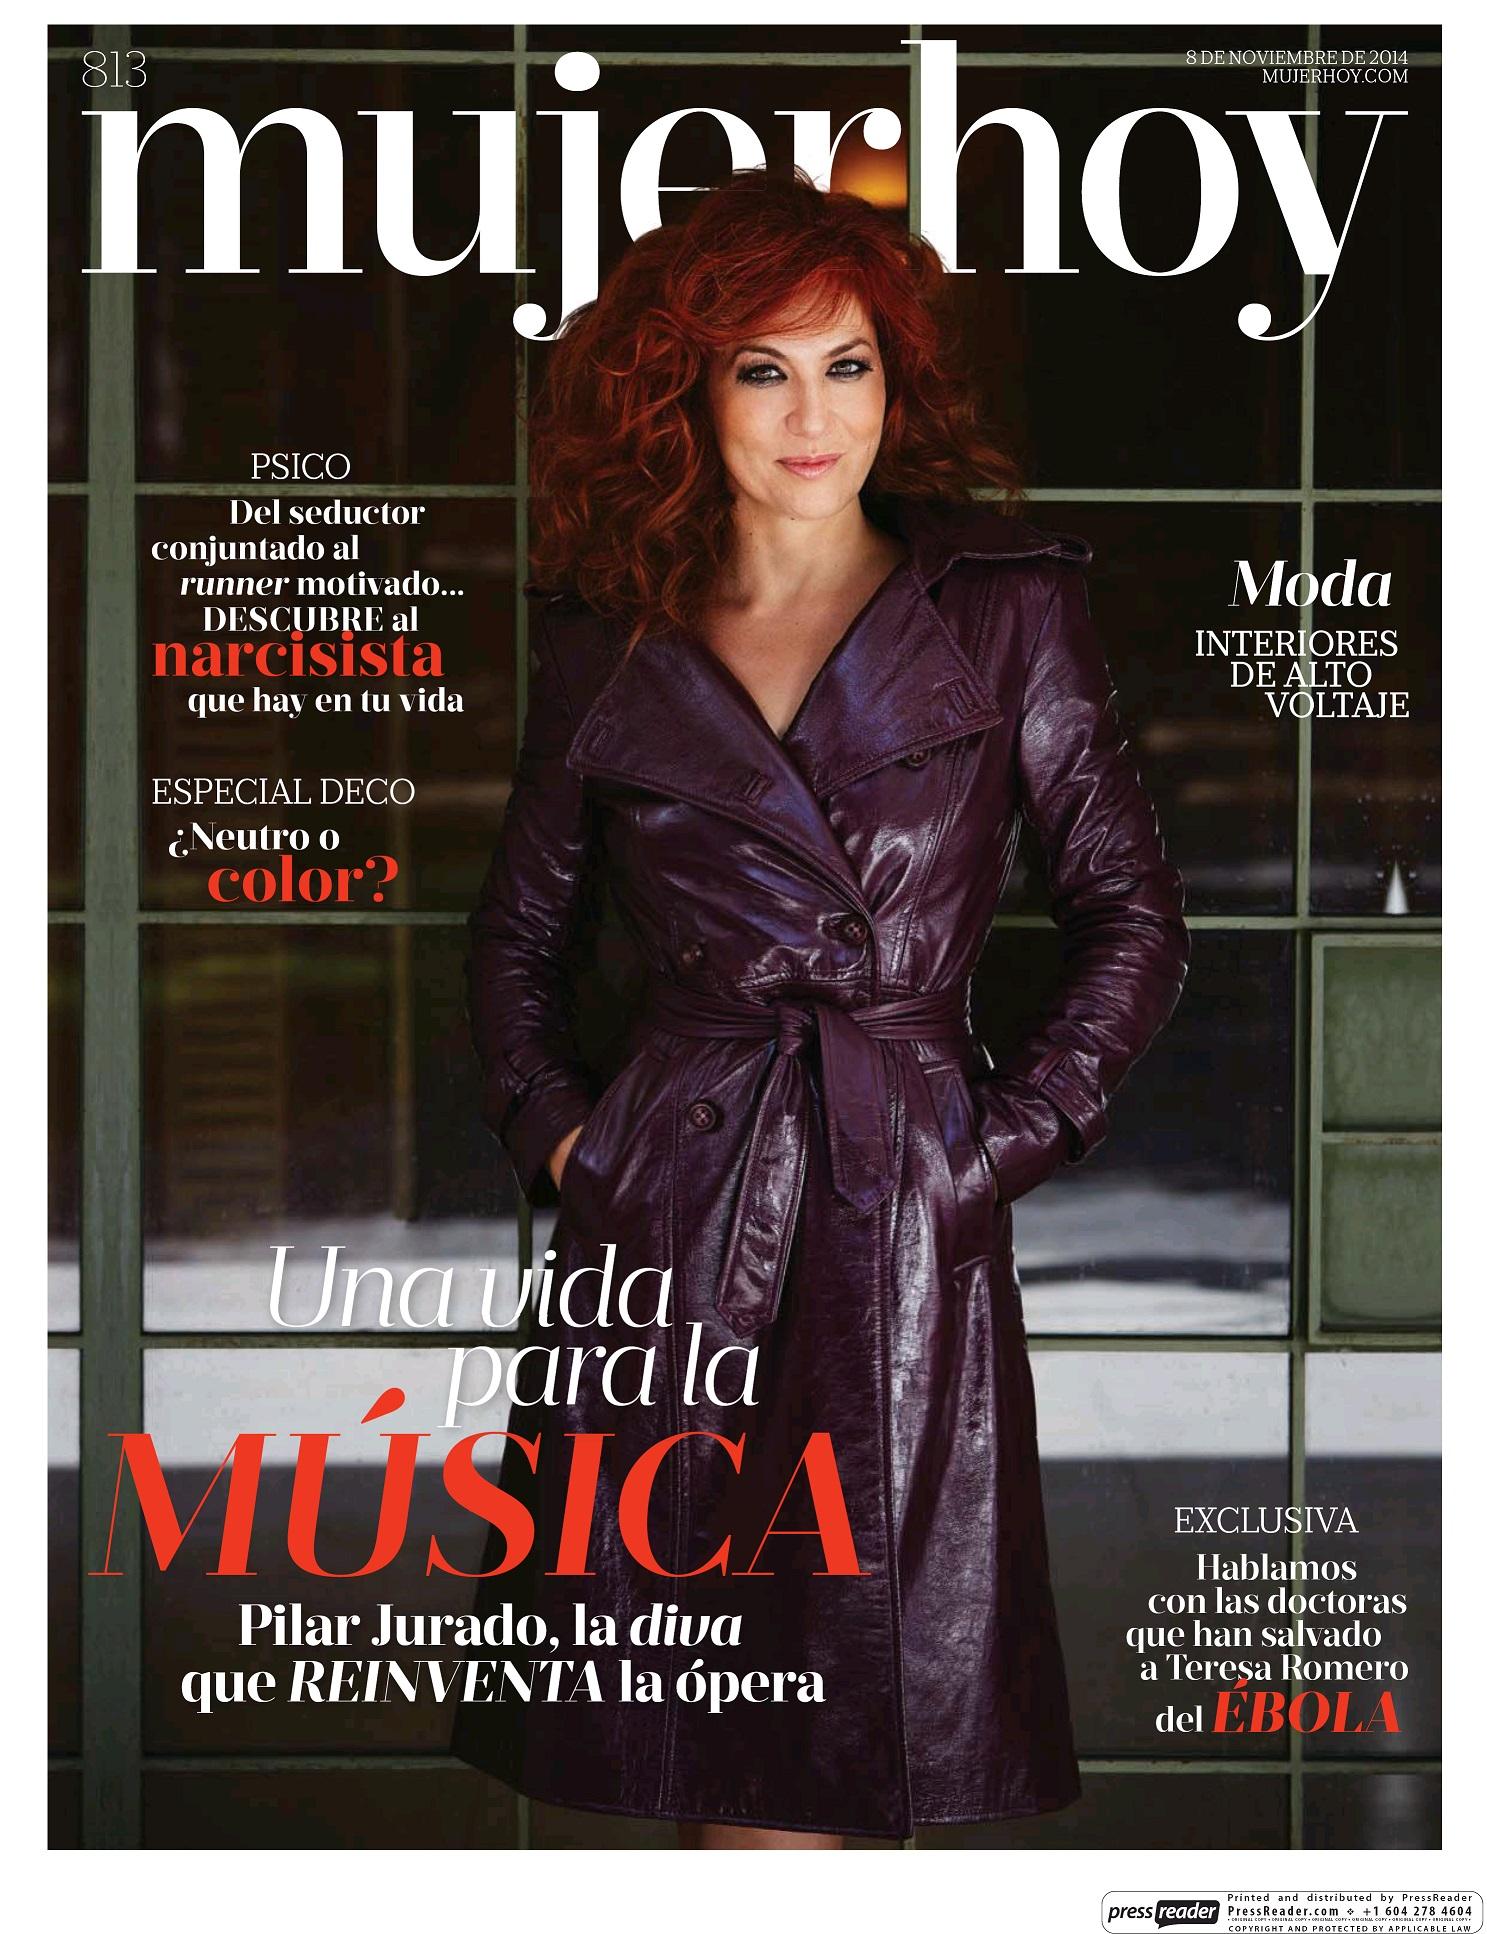 MUJER HOY portada 10 de Noviembre 2014